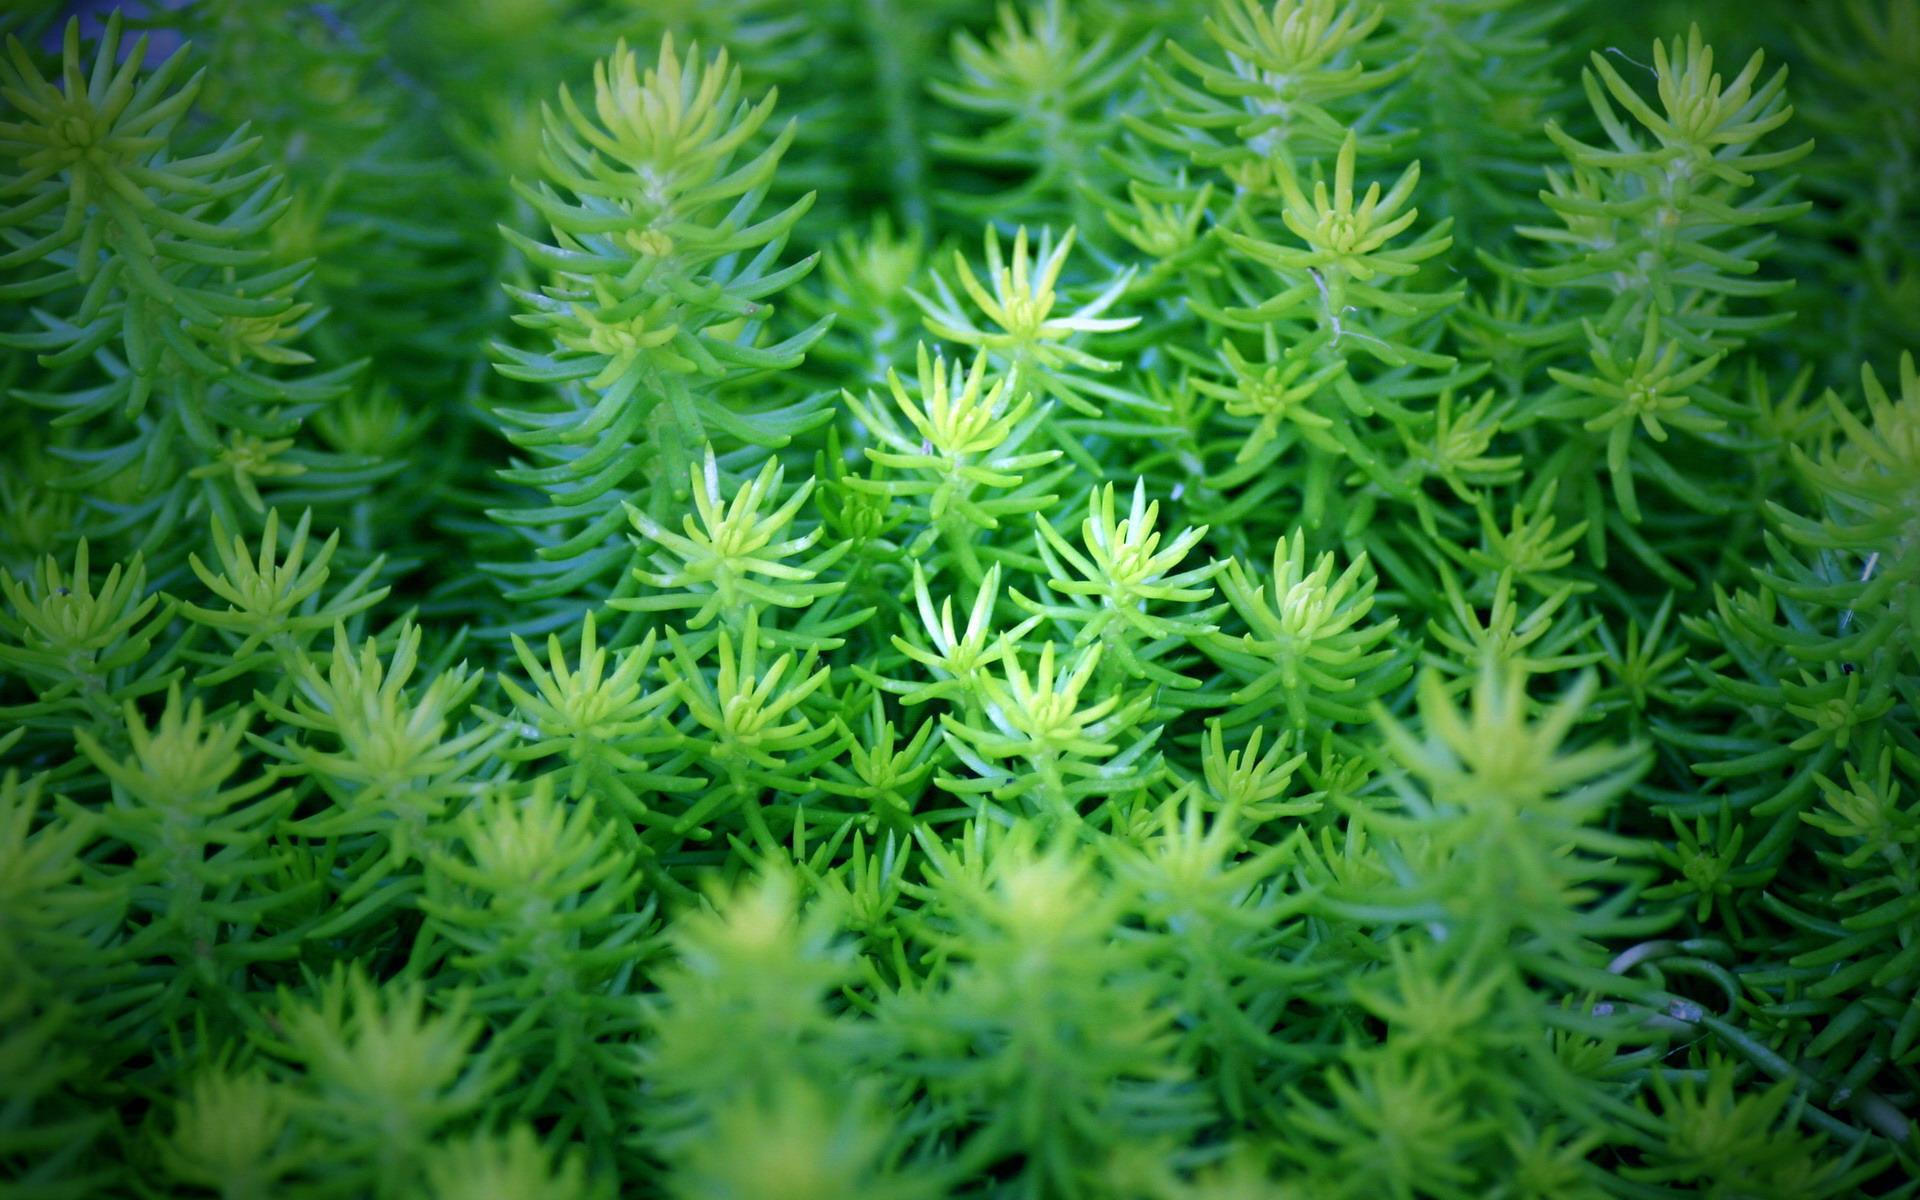 绿色植物壁纸壁纸,清新绿色植物壁纸壁纸图片-植物